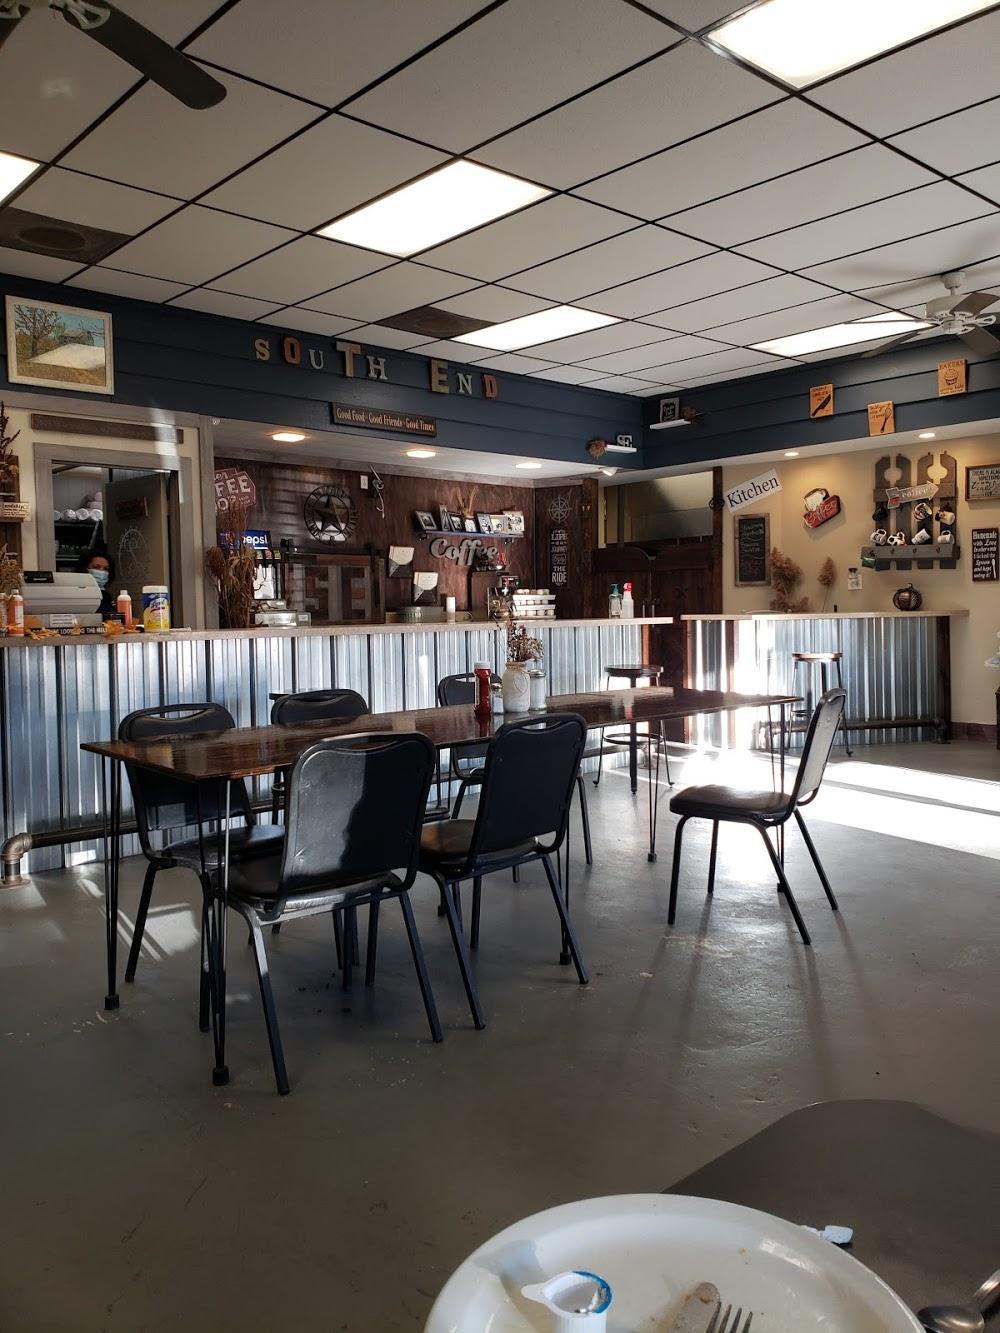 South End Diner